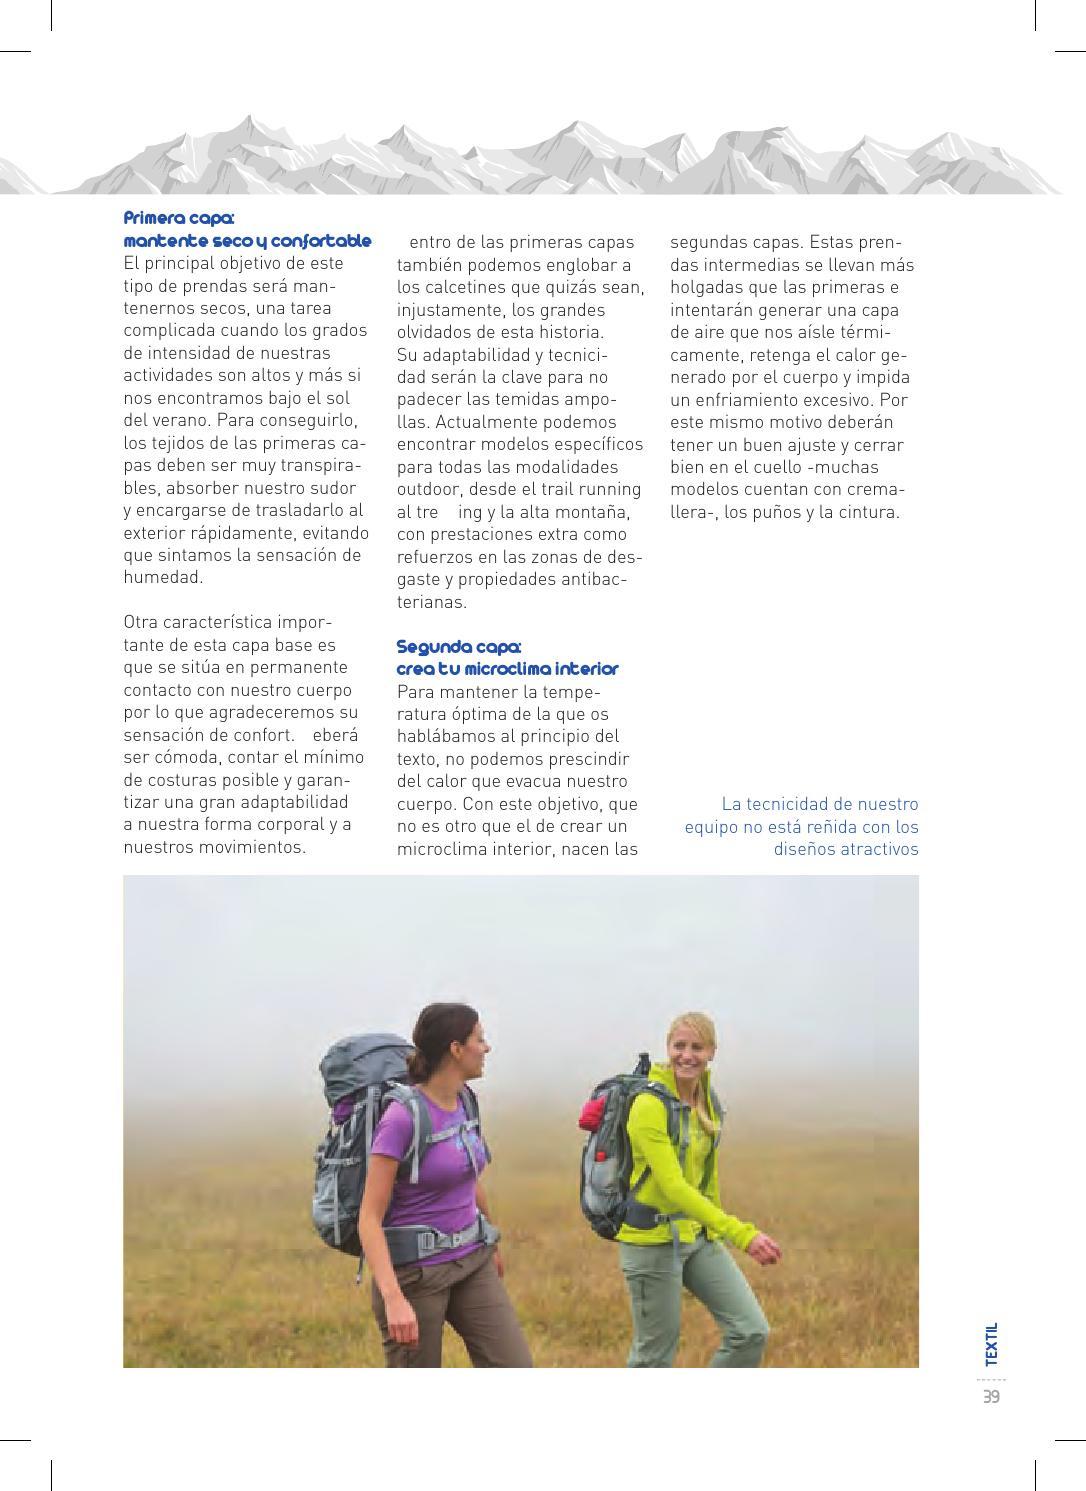 La Biblia del Outdoor 2013 14 by Outdoor Actual issuu